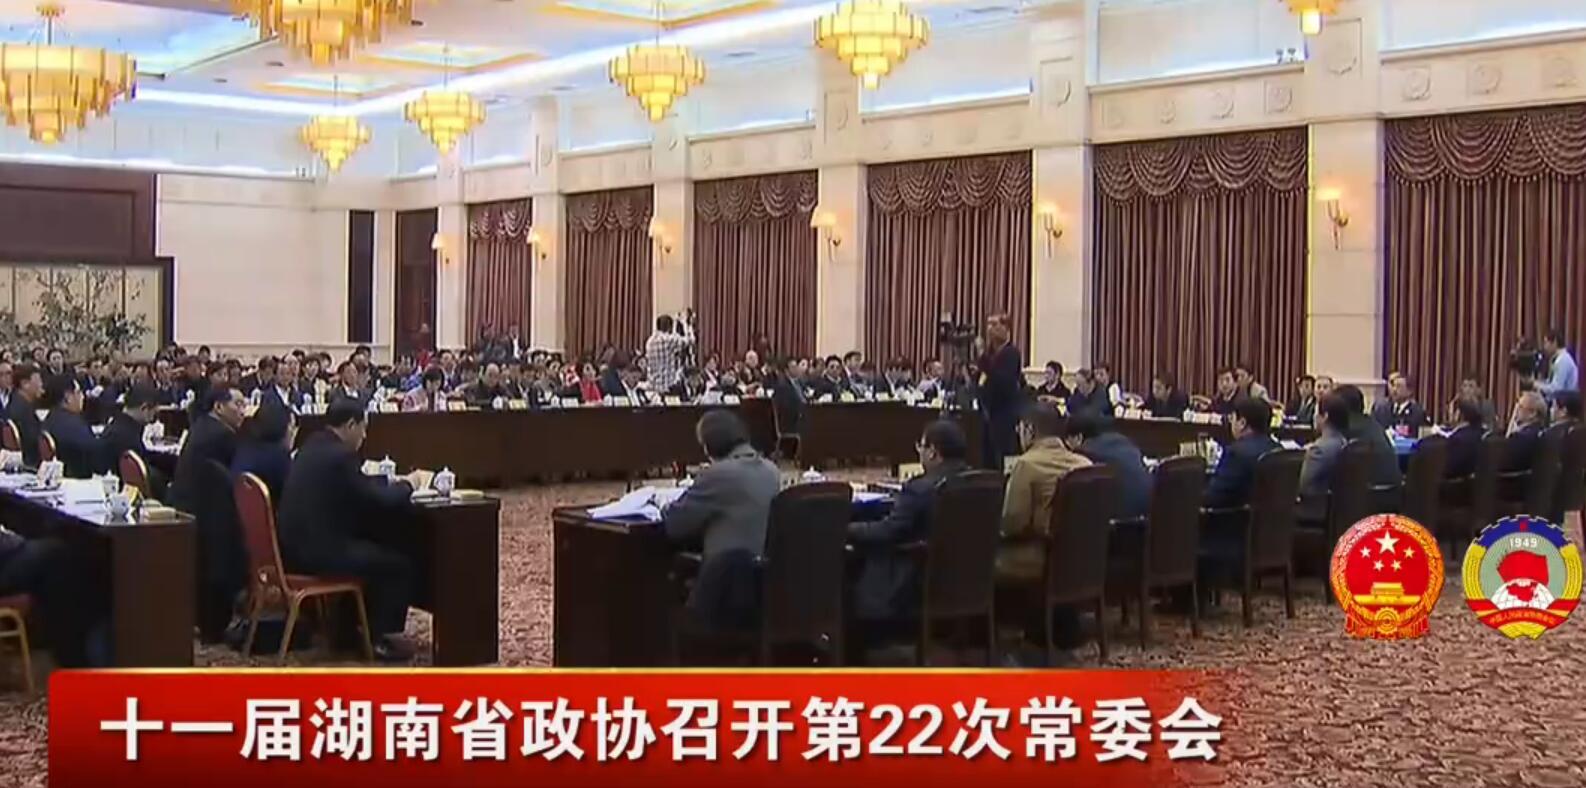 十一届湖南省政协召开第22次常委会